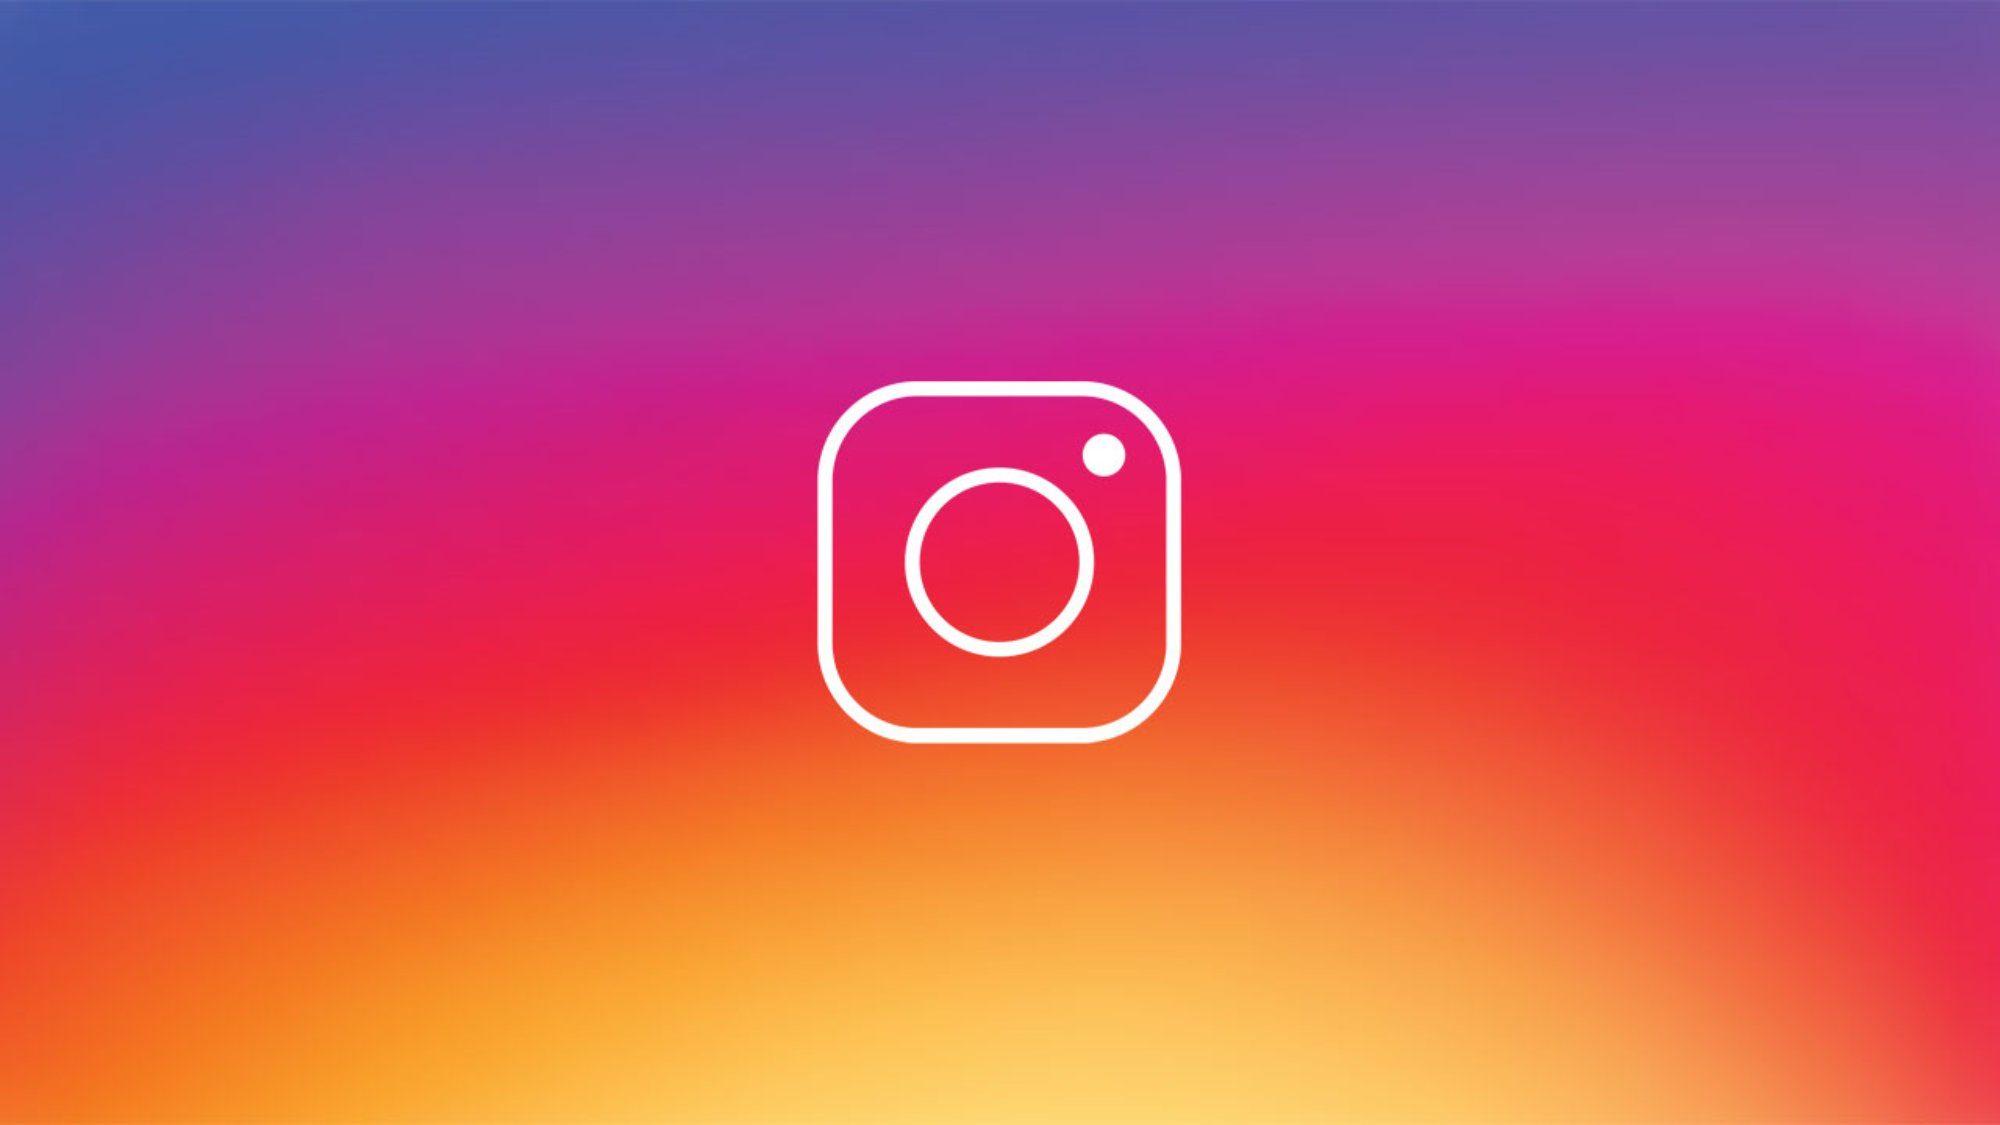 Πώς να πουλήσουμε περισσότερο μέσα από το Instagram